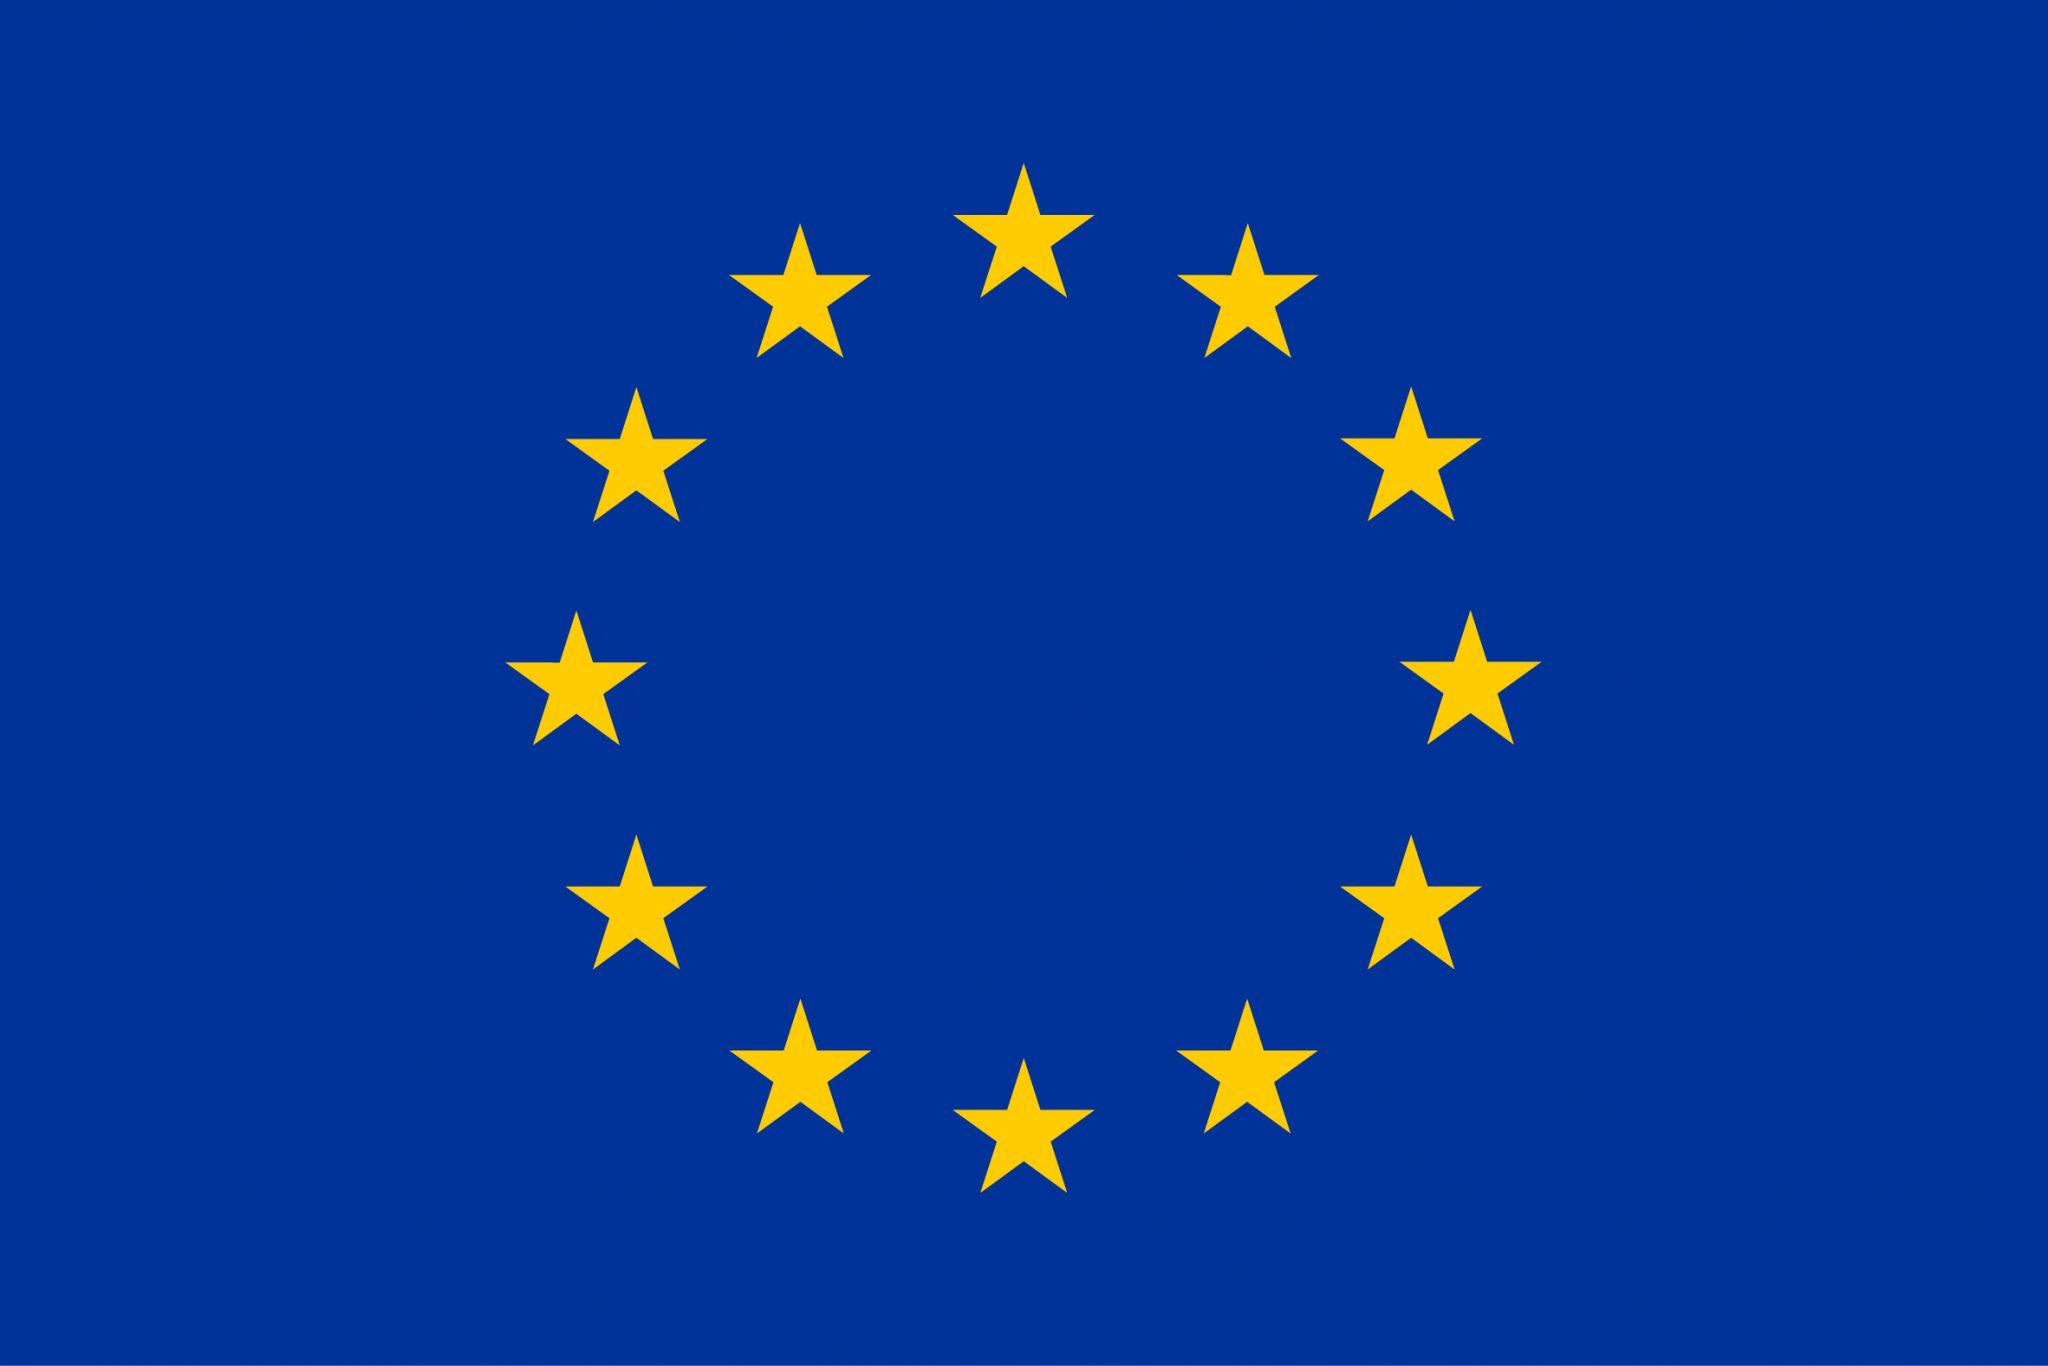 flag_yellow_high